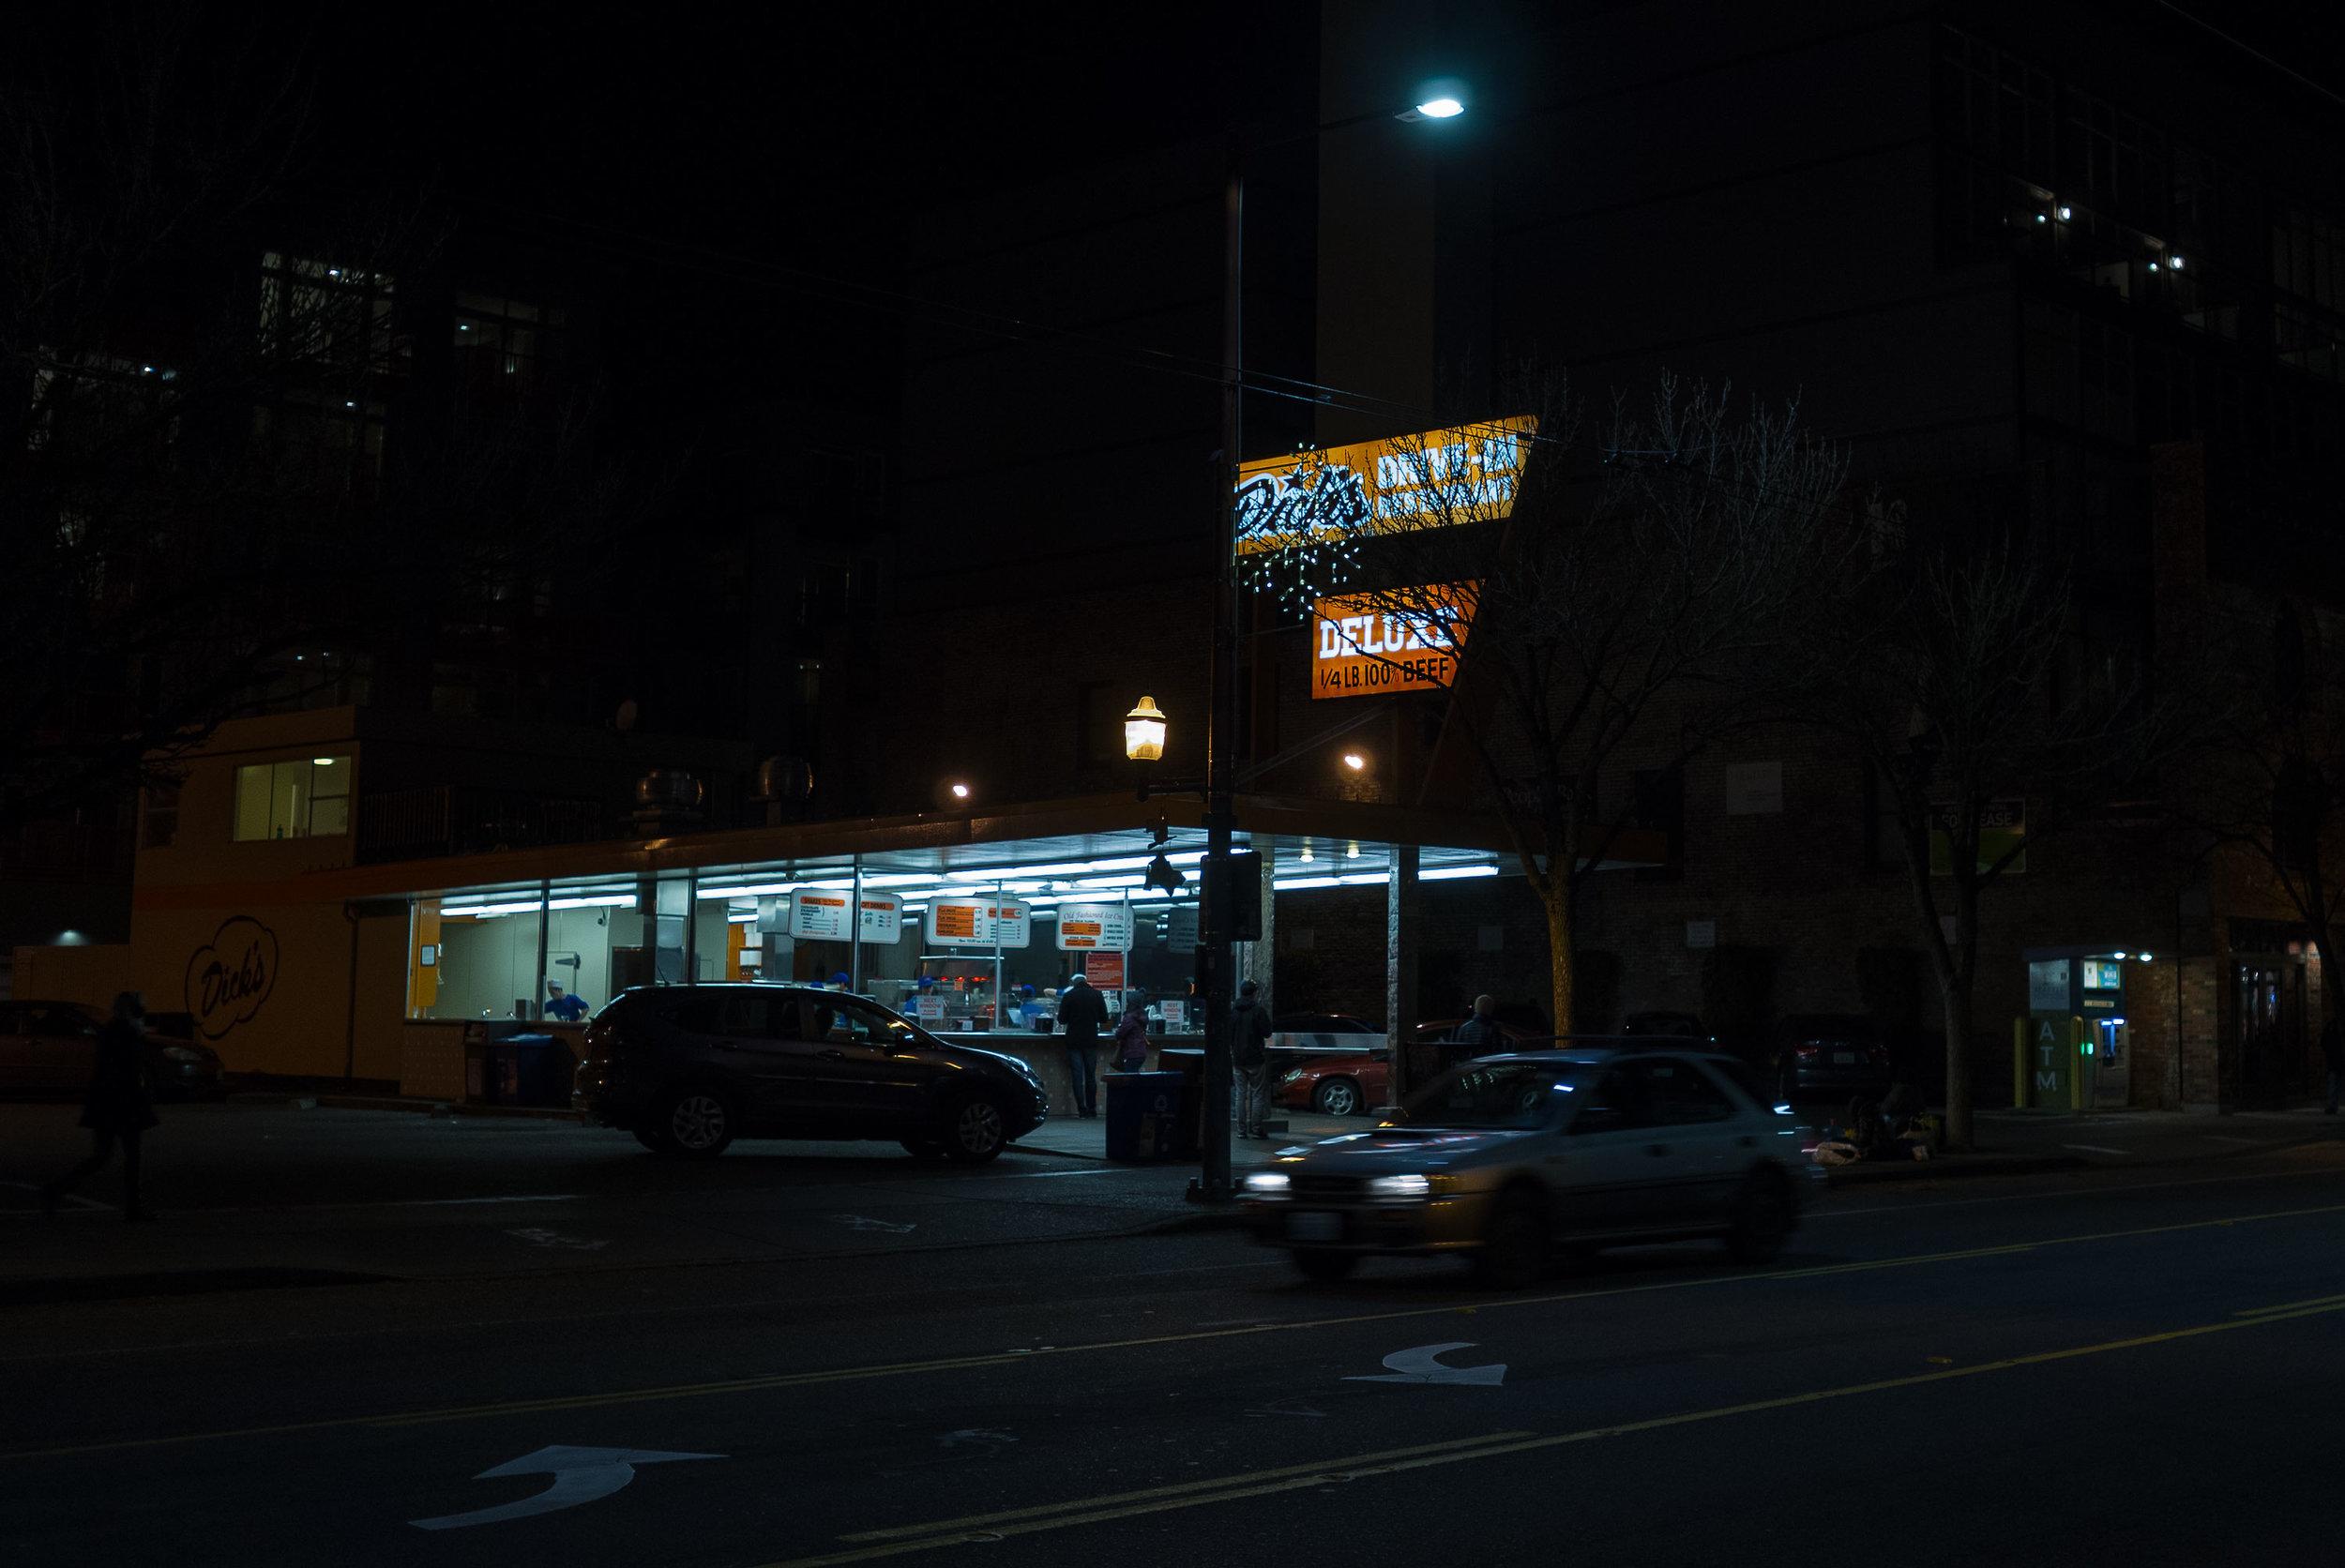 night hamburger stand